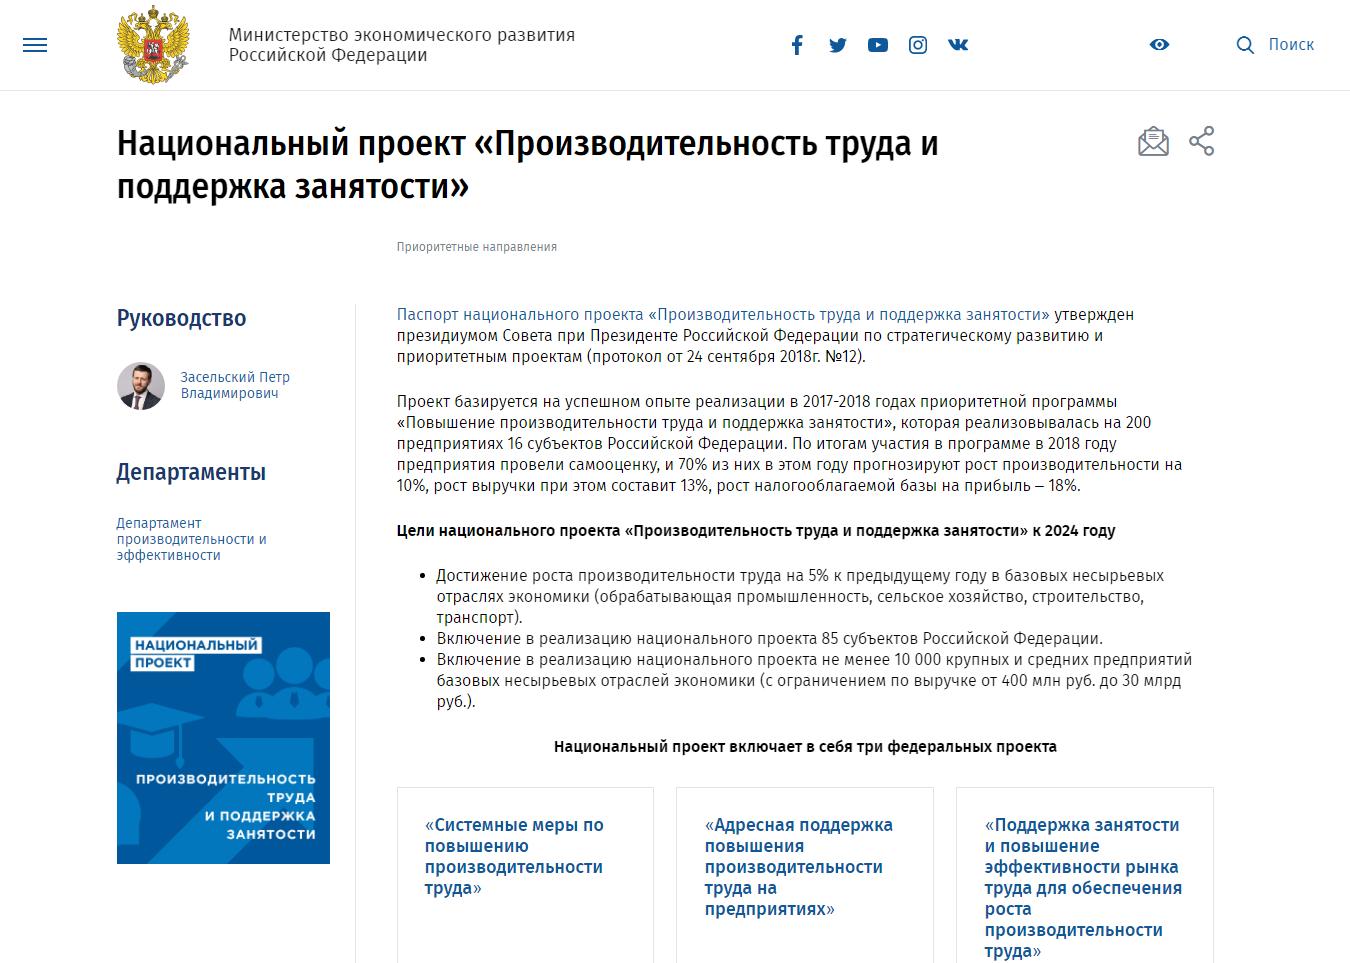 Национальный проект «Производительность труда и поддержка занятости» на сайте Минэкономразвития РФ